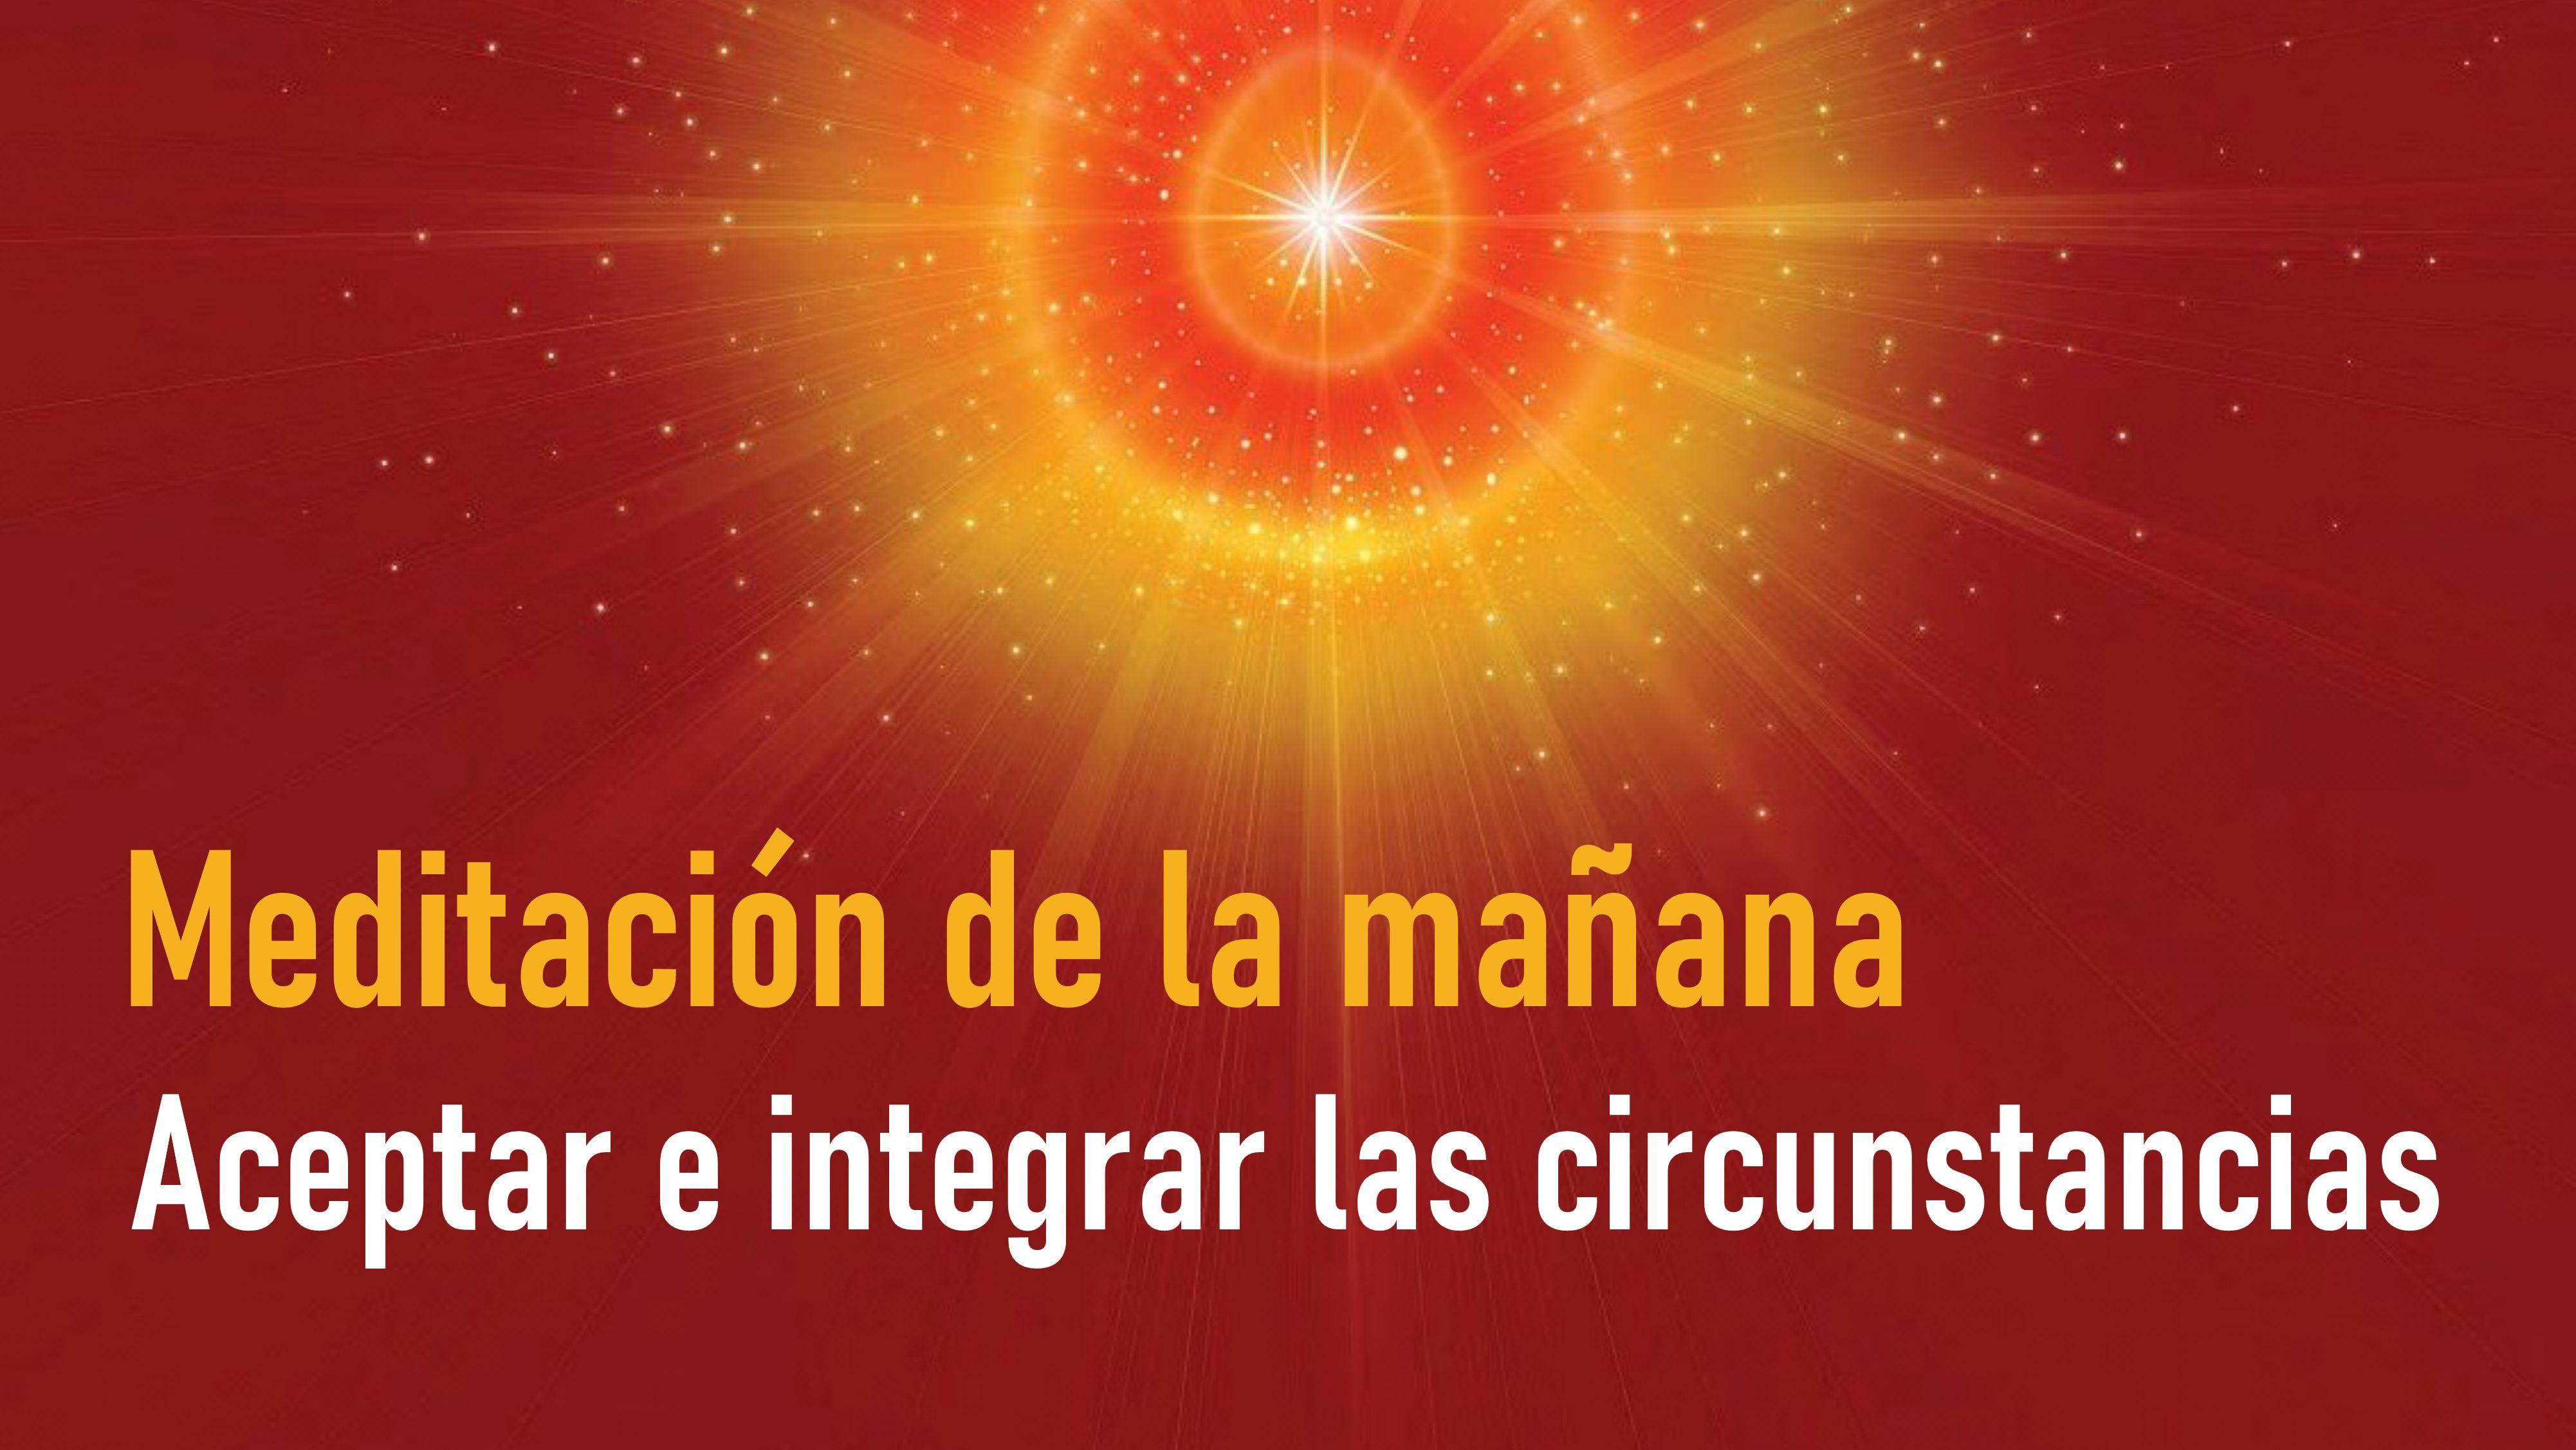 Meditación de la mañana: Aceptar e integrar las circunstancias (29 Julio 2020)